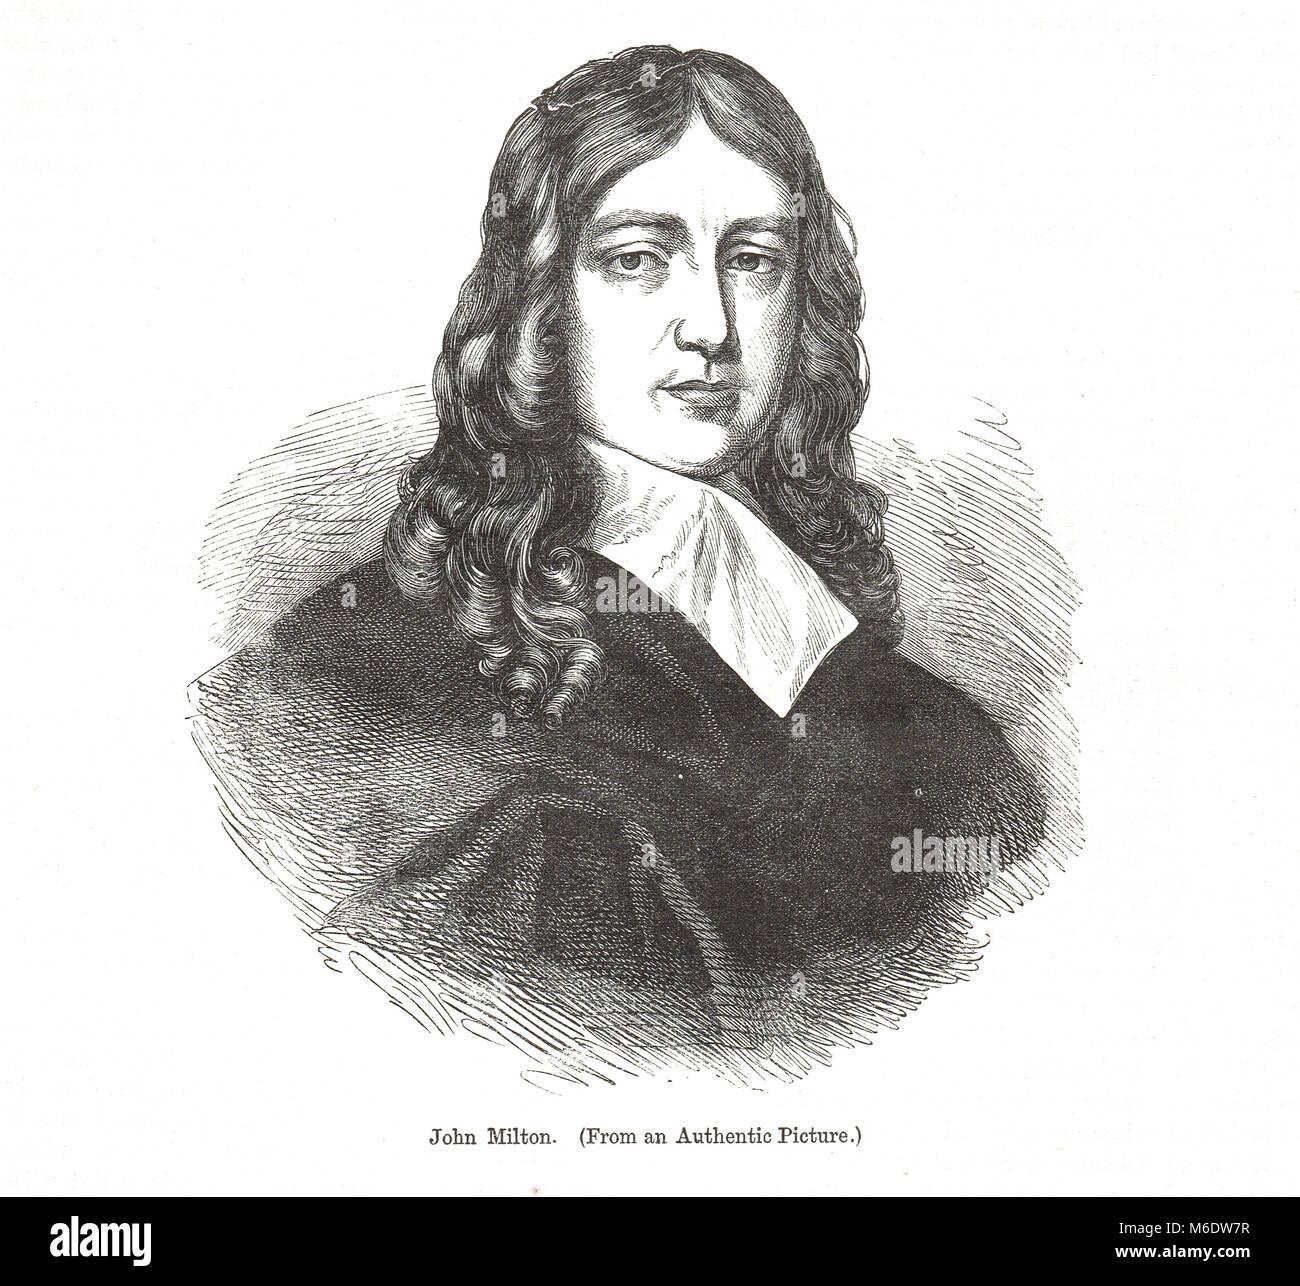 John Milton, 1608-1674, poète anglais, polemiste, homme de lettres, fonctionnaire pour le Commonwealth de Cromwell, et auteur de l'épique poème Paradis Perdu Banque D'Images